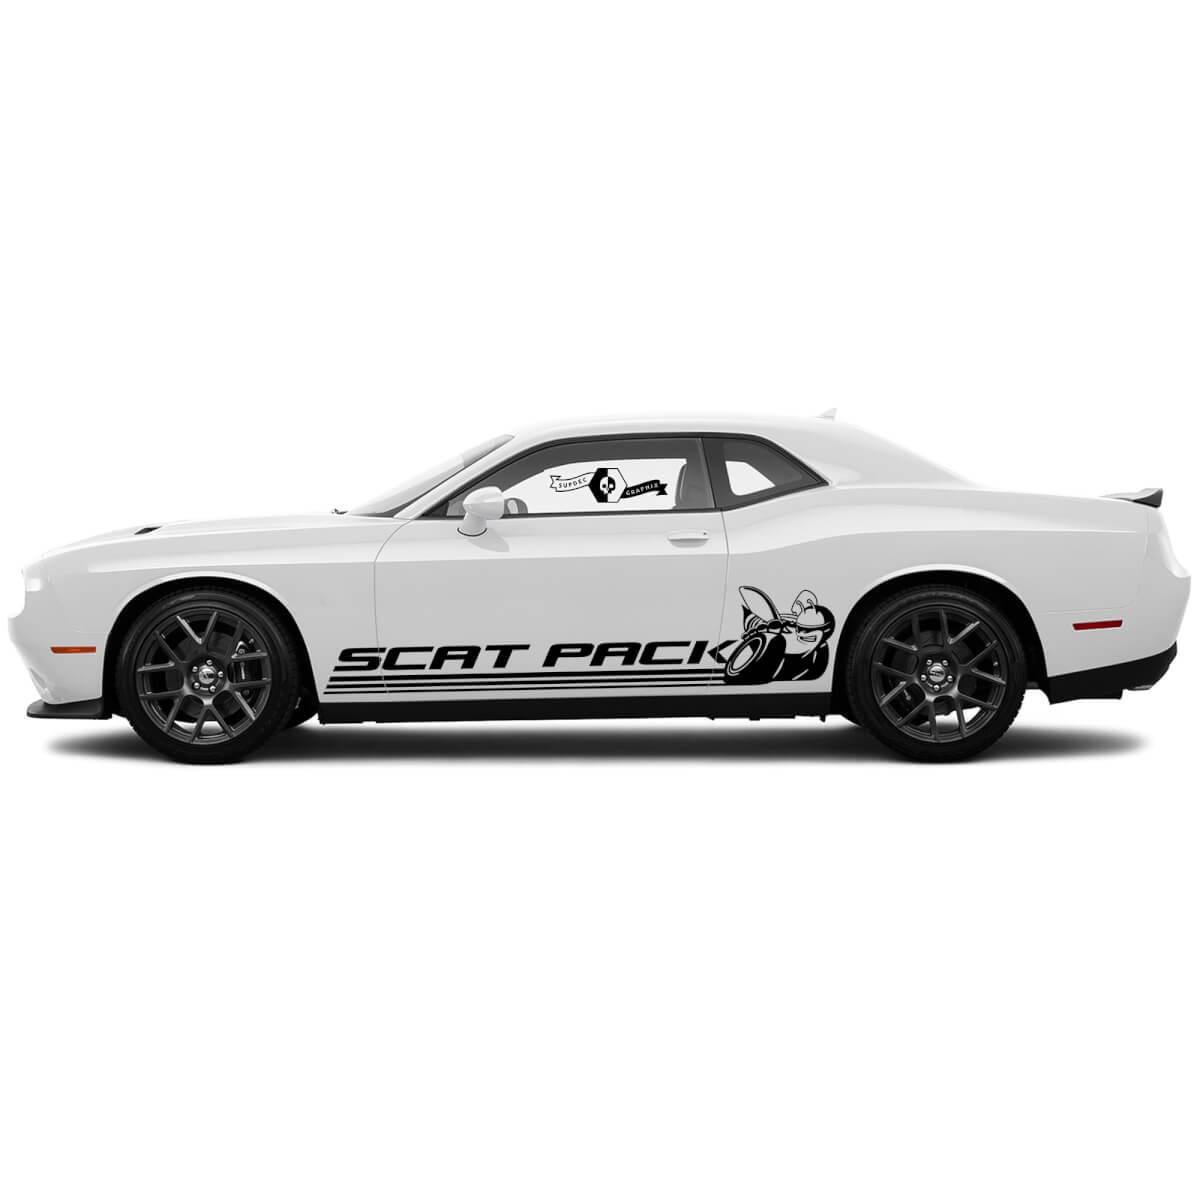 Scat Pack Lines Seitenaufkleber für Dodge Challenger oder Ladegerät Vinylaufkleber Aufkleber # 2